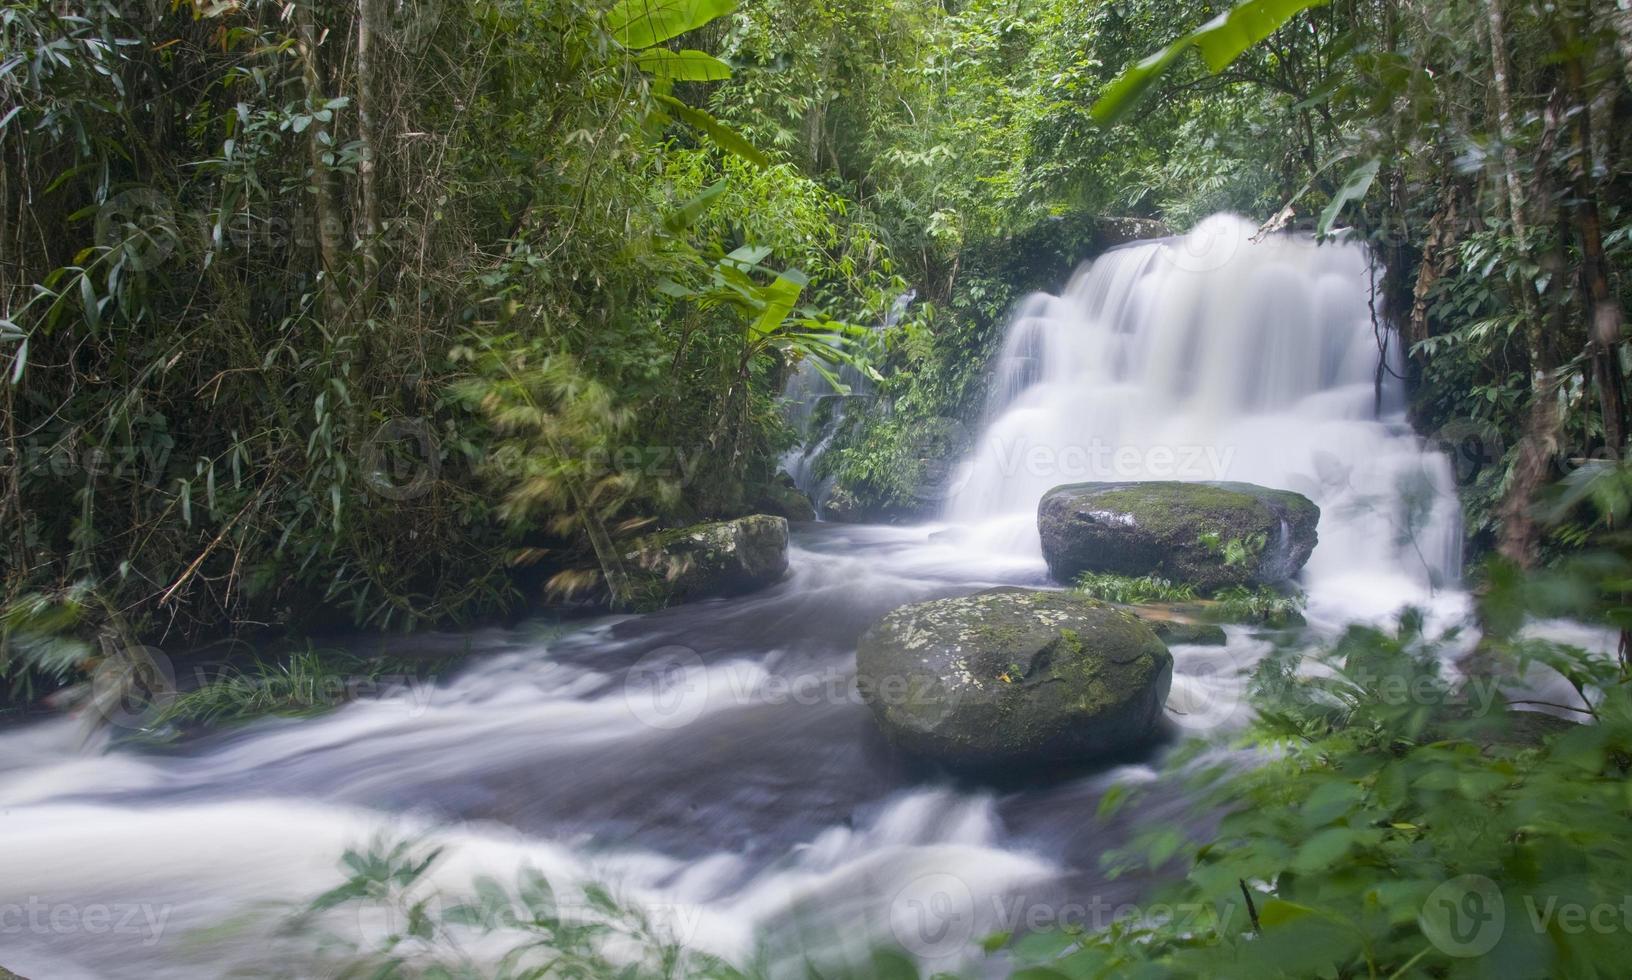 caduta di acqua nella giungla profonda della foresta pluviale foto